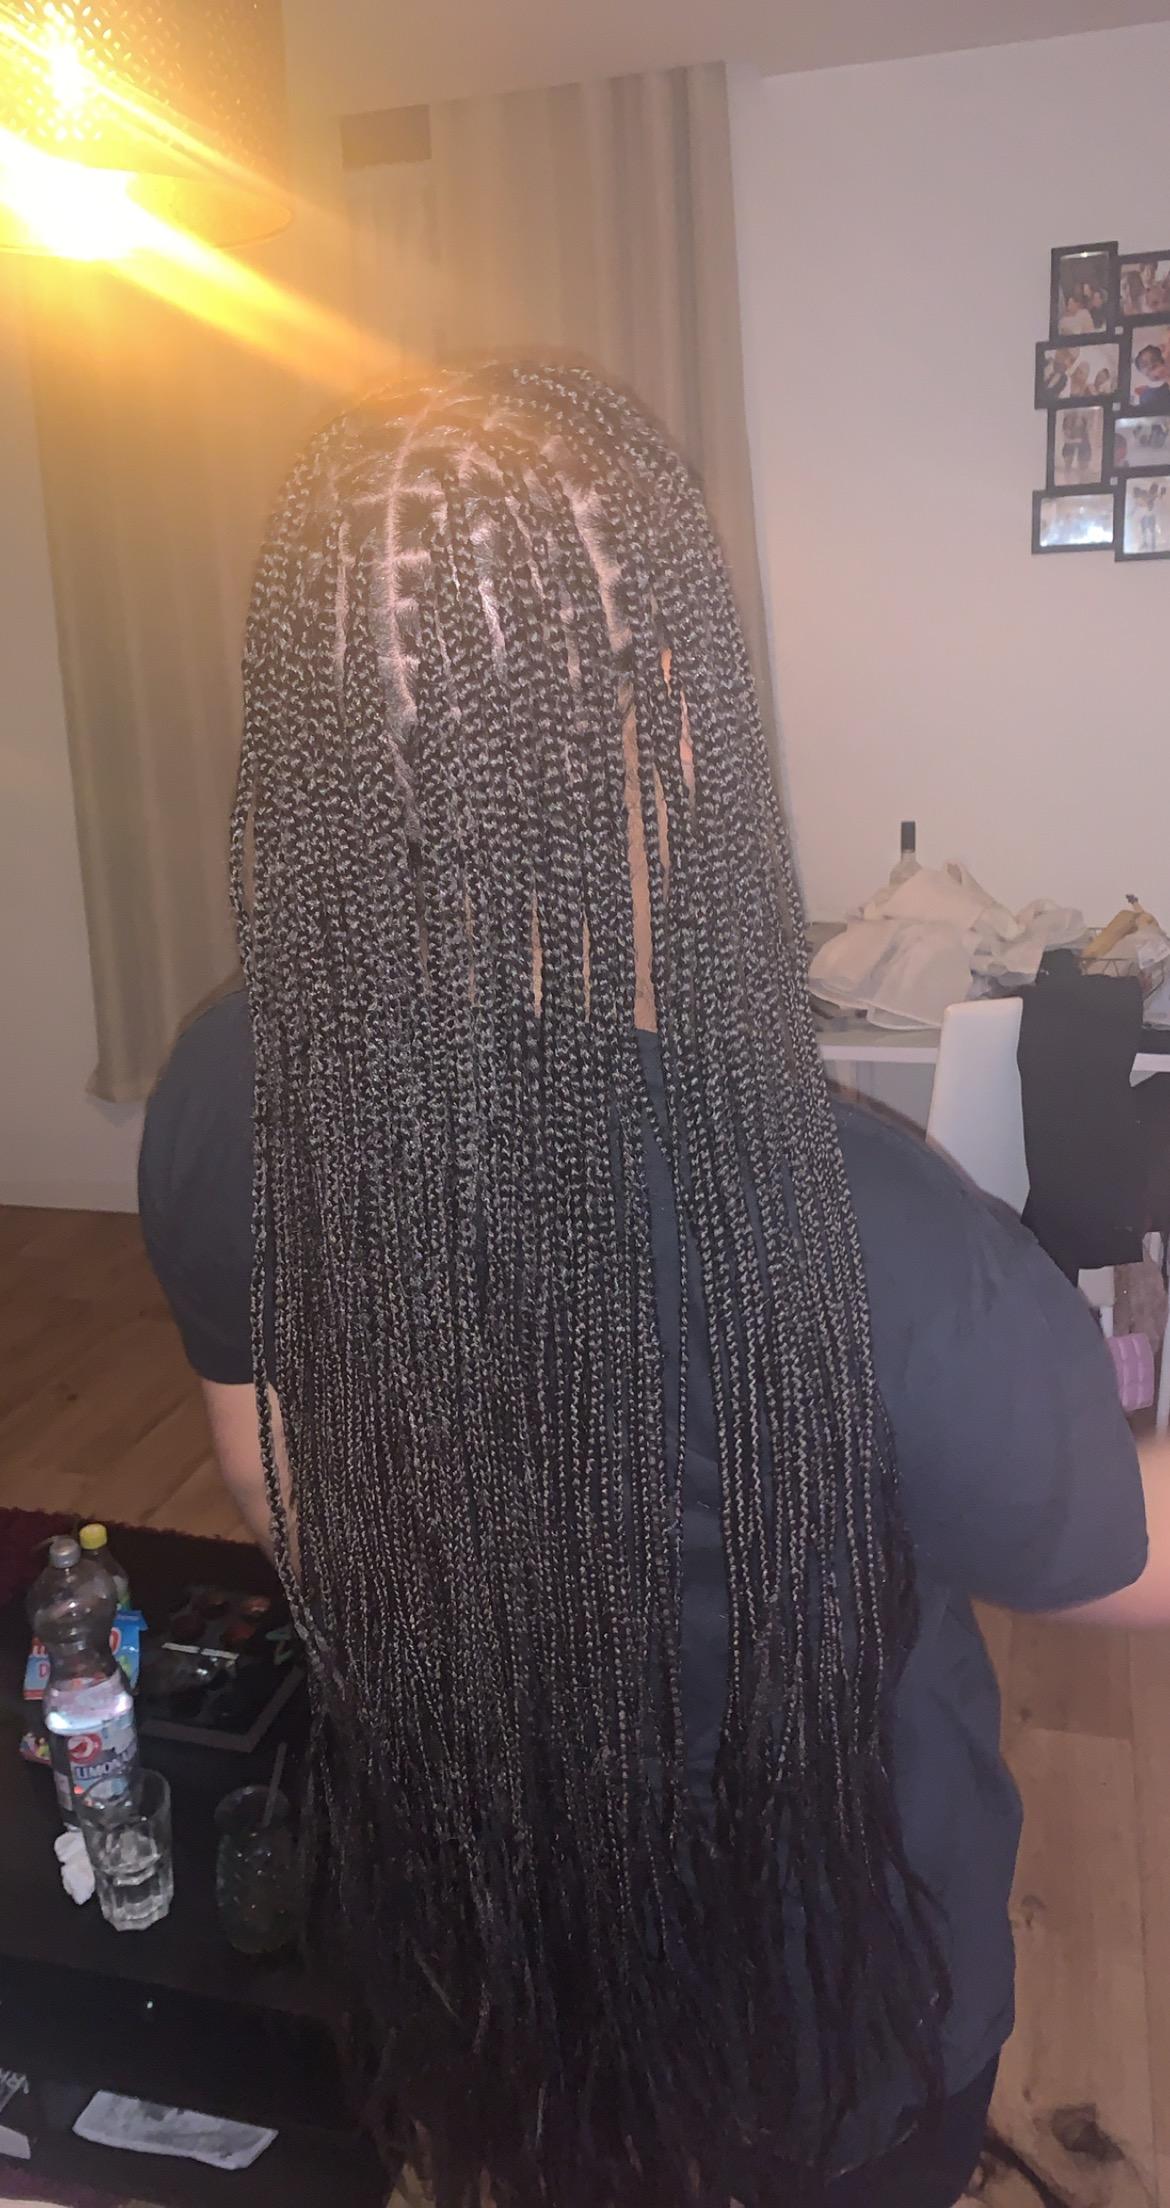 salon de coiffure afro tresse tresses box braids crochet braids vanilles tissages paris 75 77 78 91 92 93 94 95 BRPXIXPB